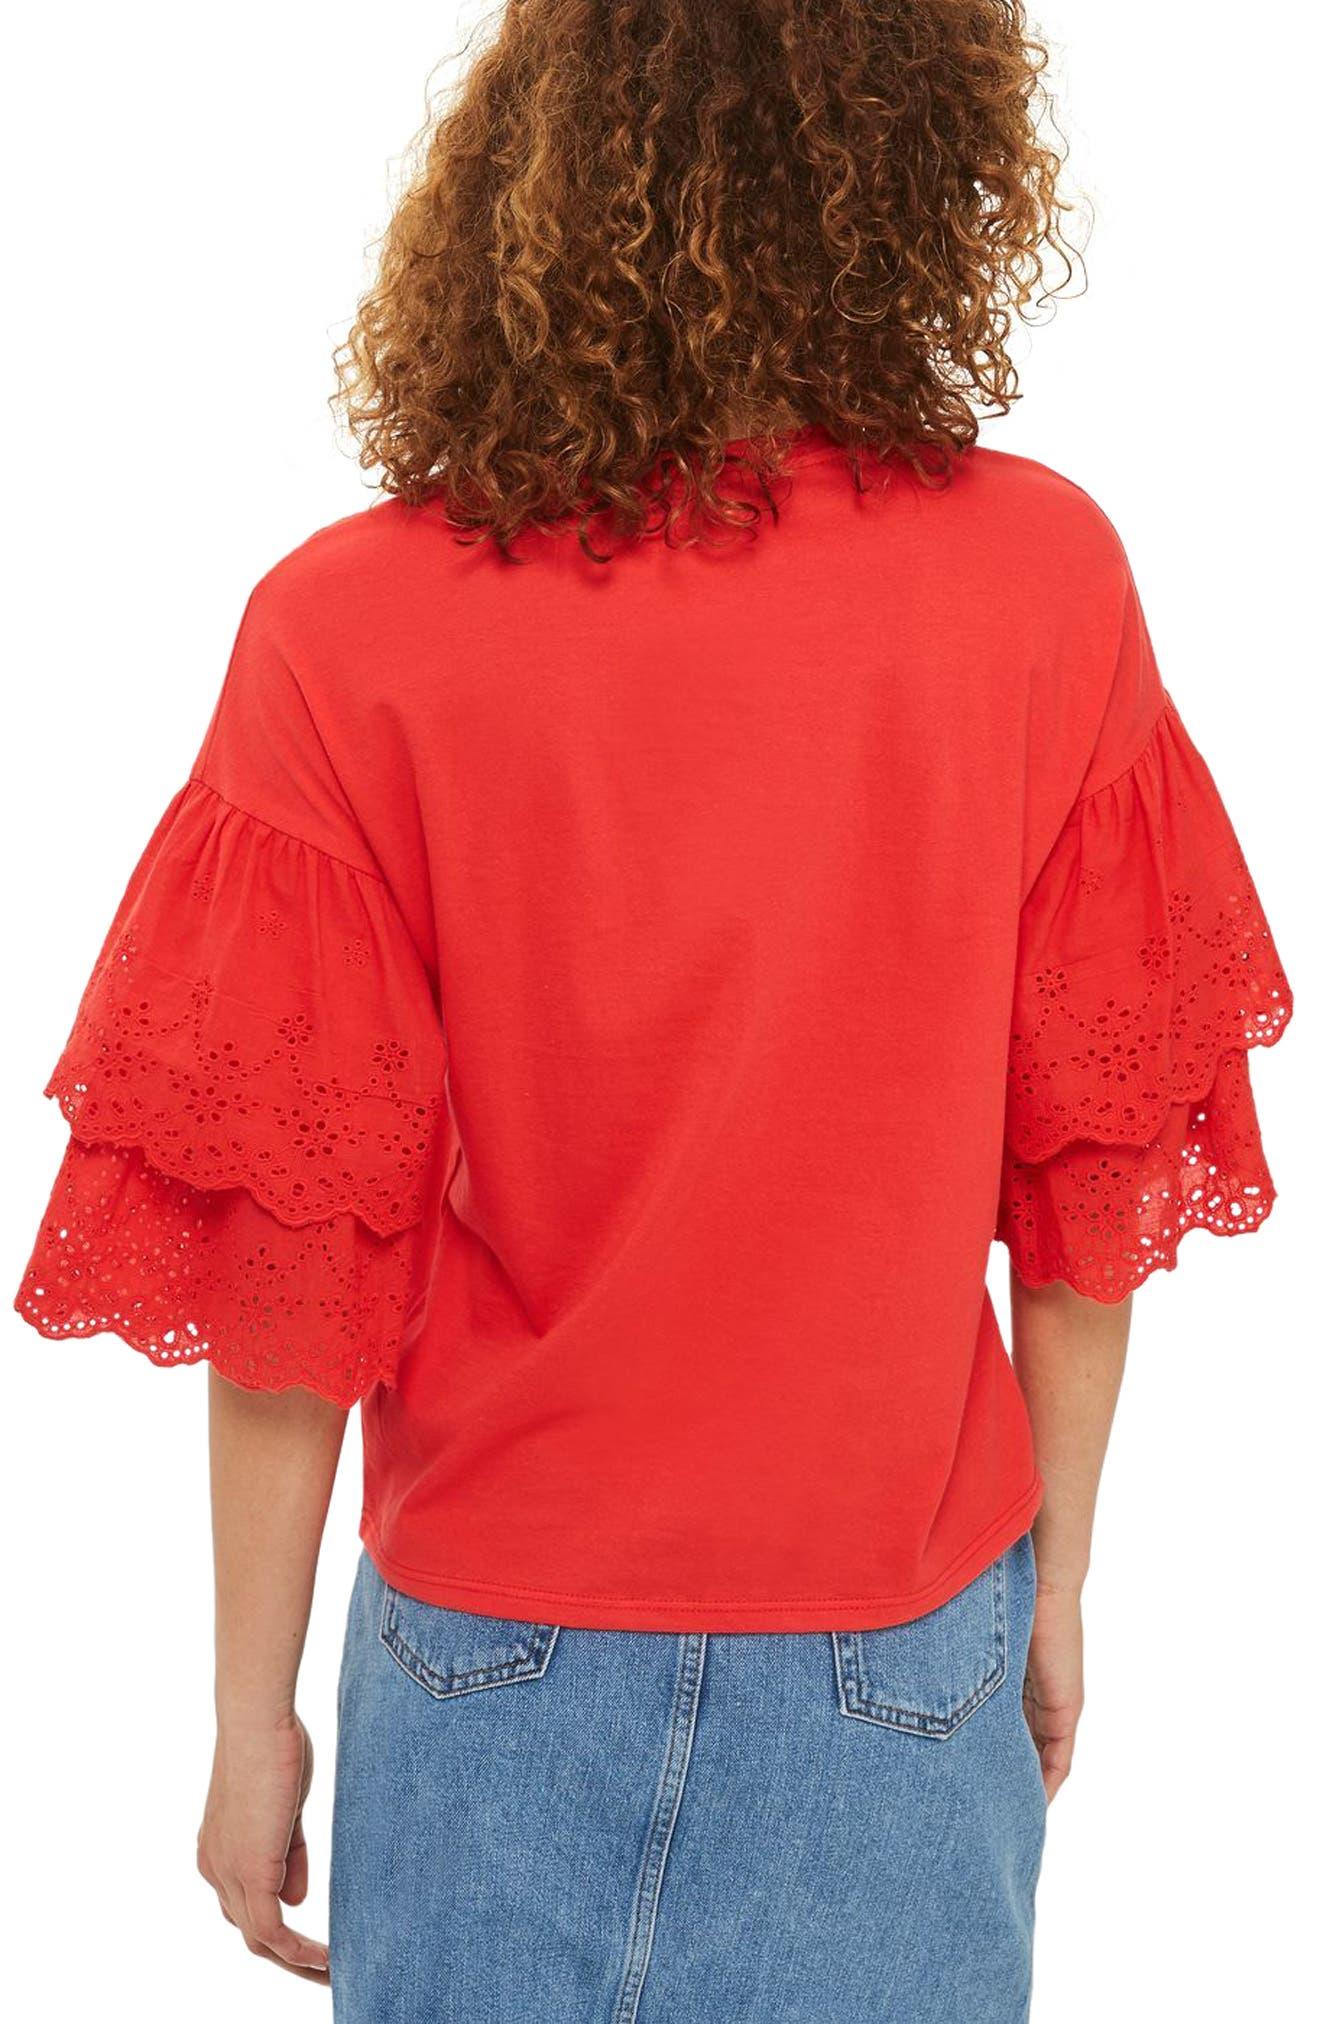 Alternate Image 2  - Topshop Eyelet Layer Sleeve Tee T-Shirt (Regular & Petite)